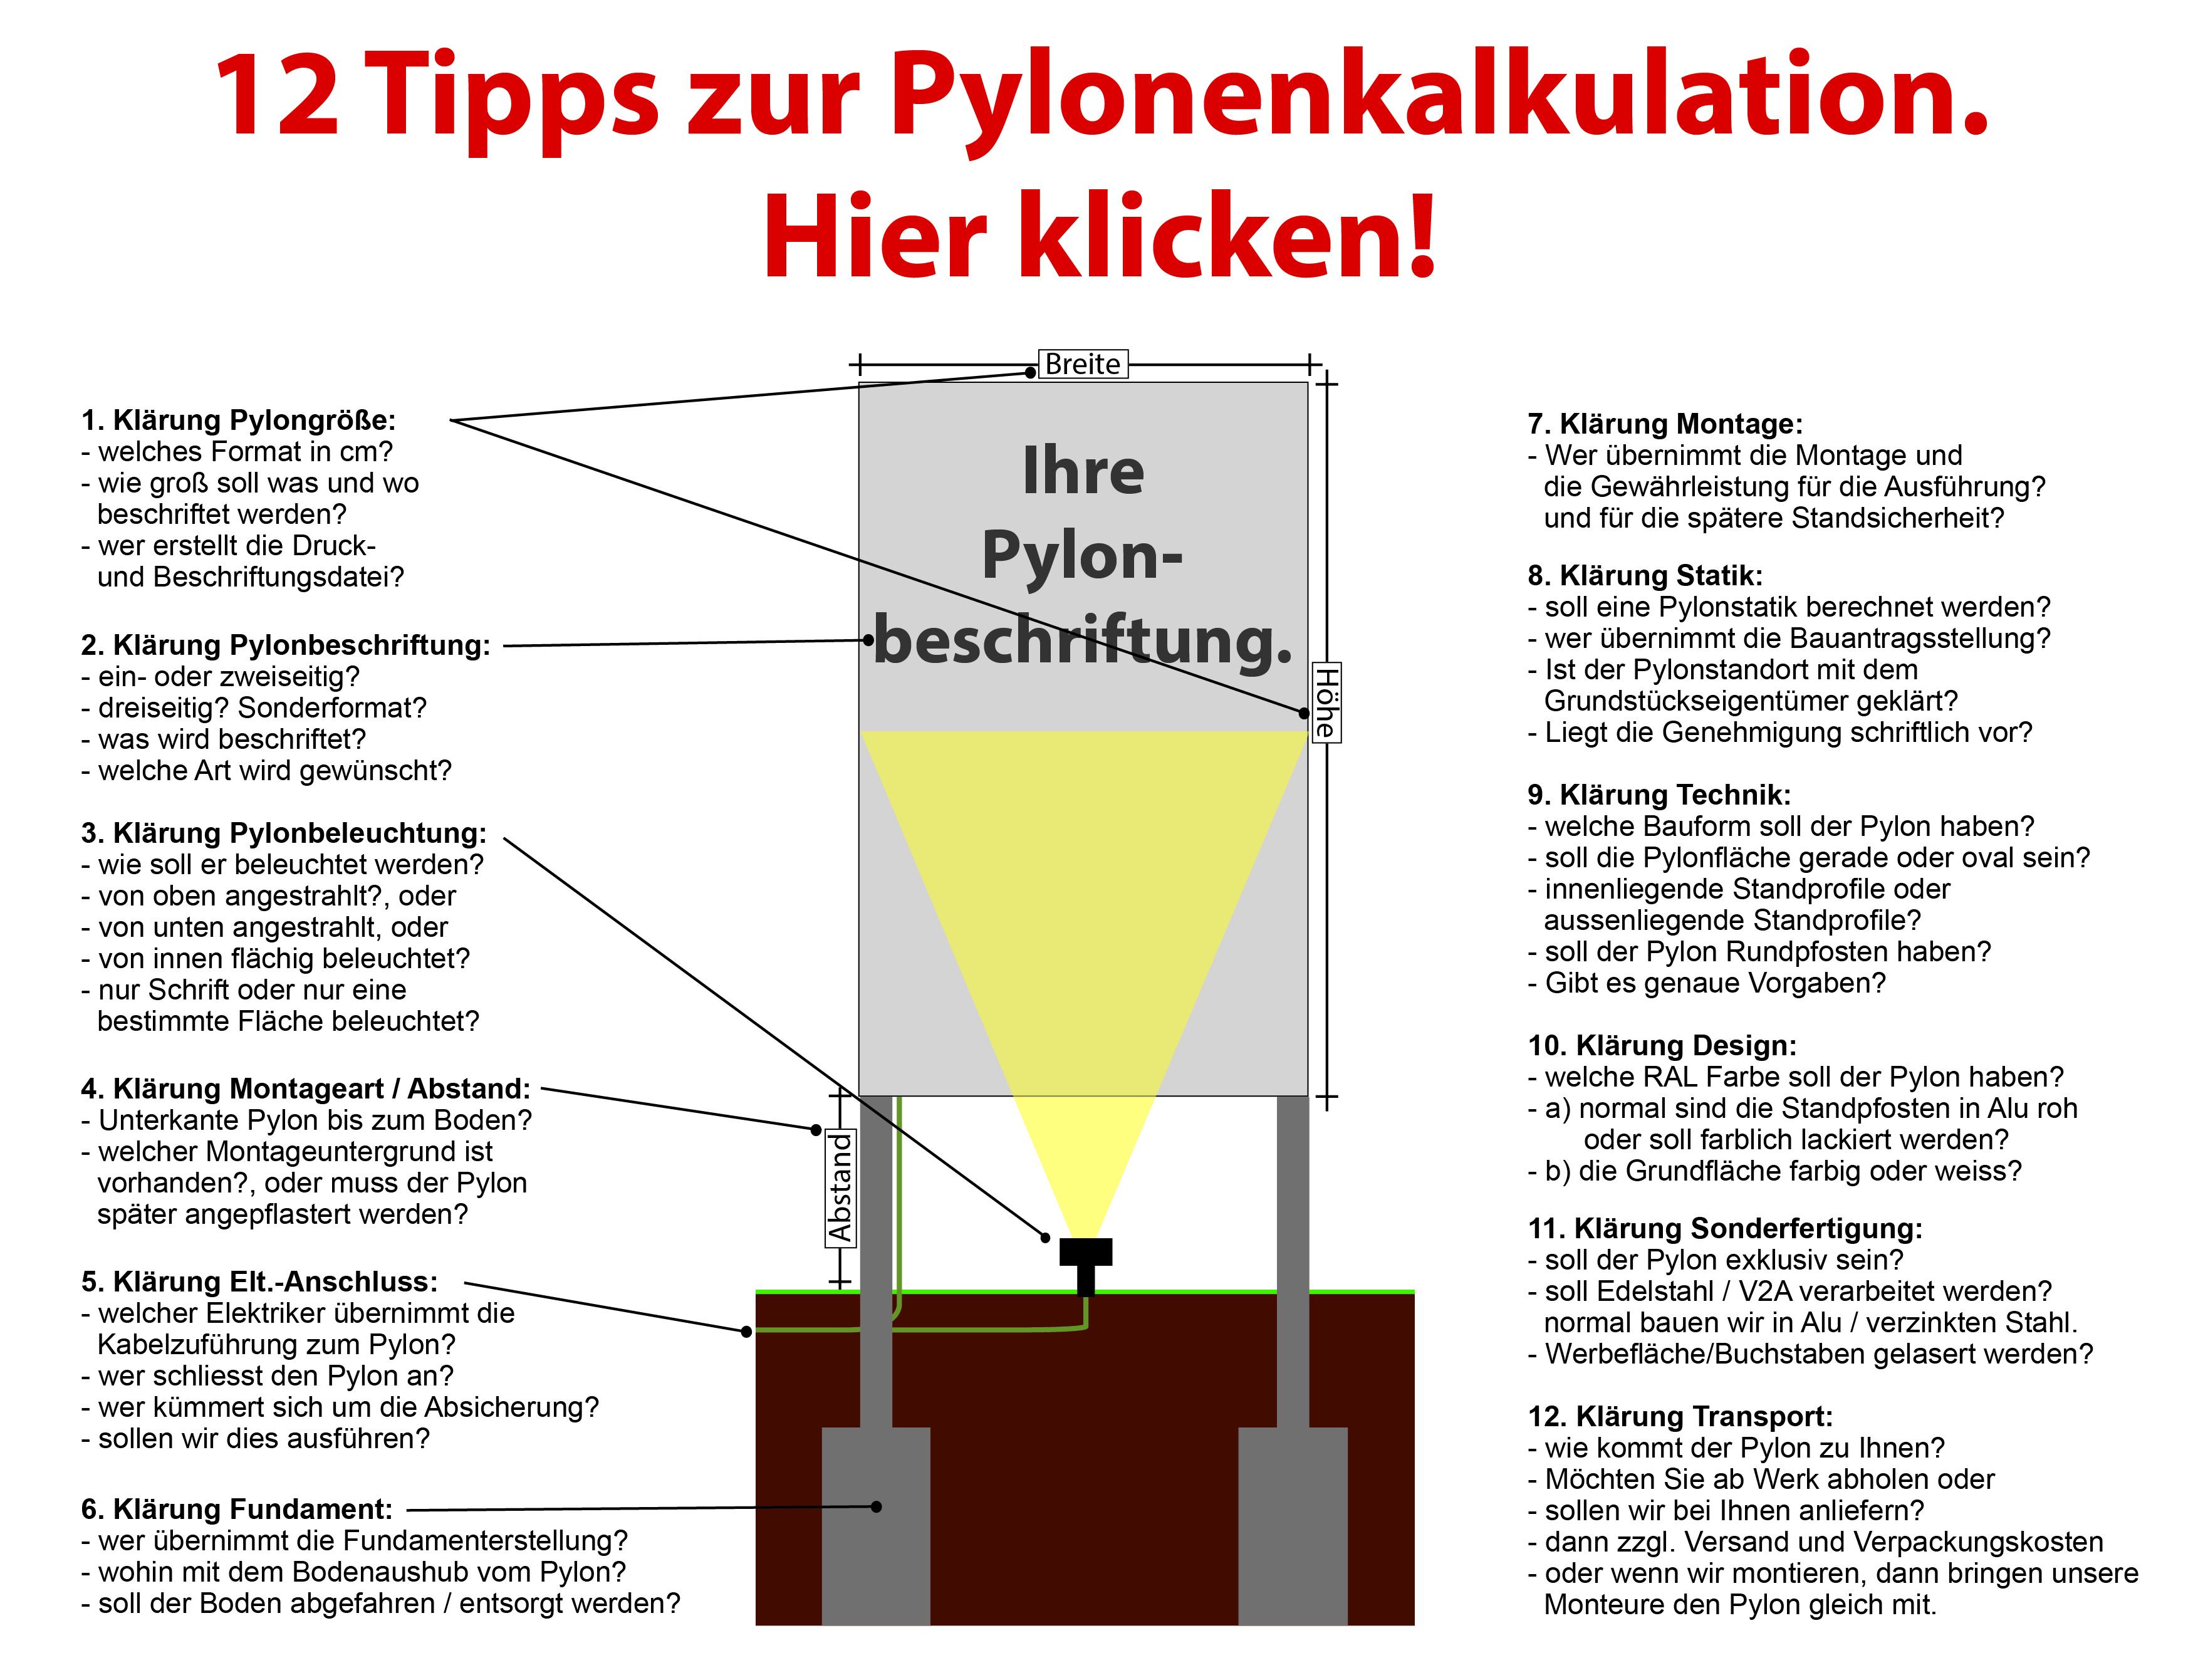 12_Tipps_zur_Pylonenkalkulation